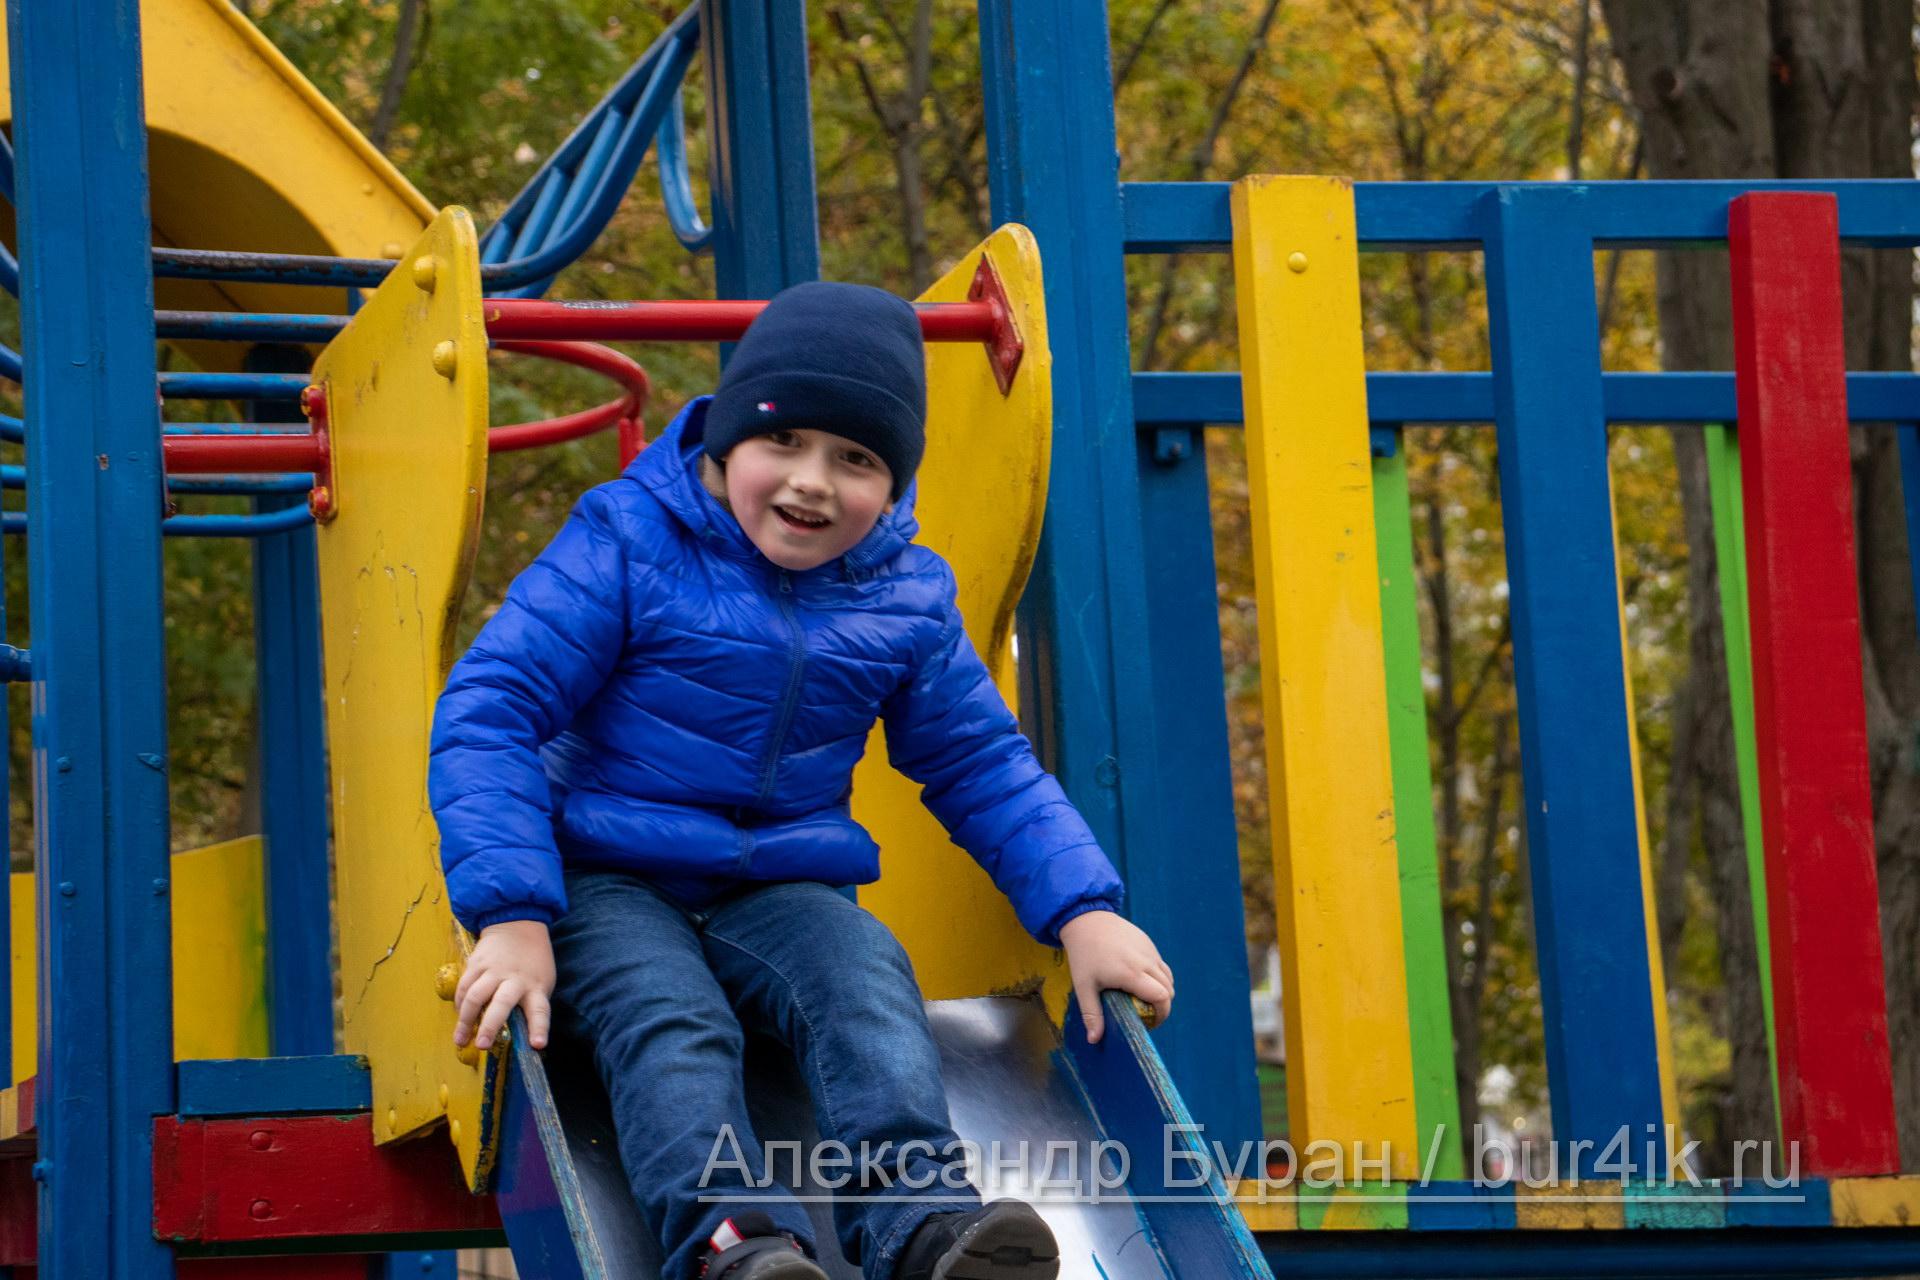 Мальчик в синей куртке катается на детской горкой в осеннем парке